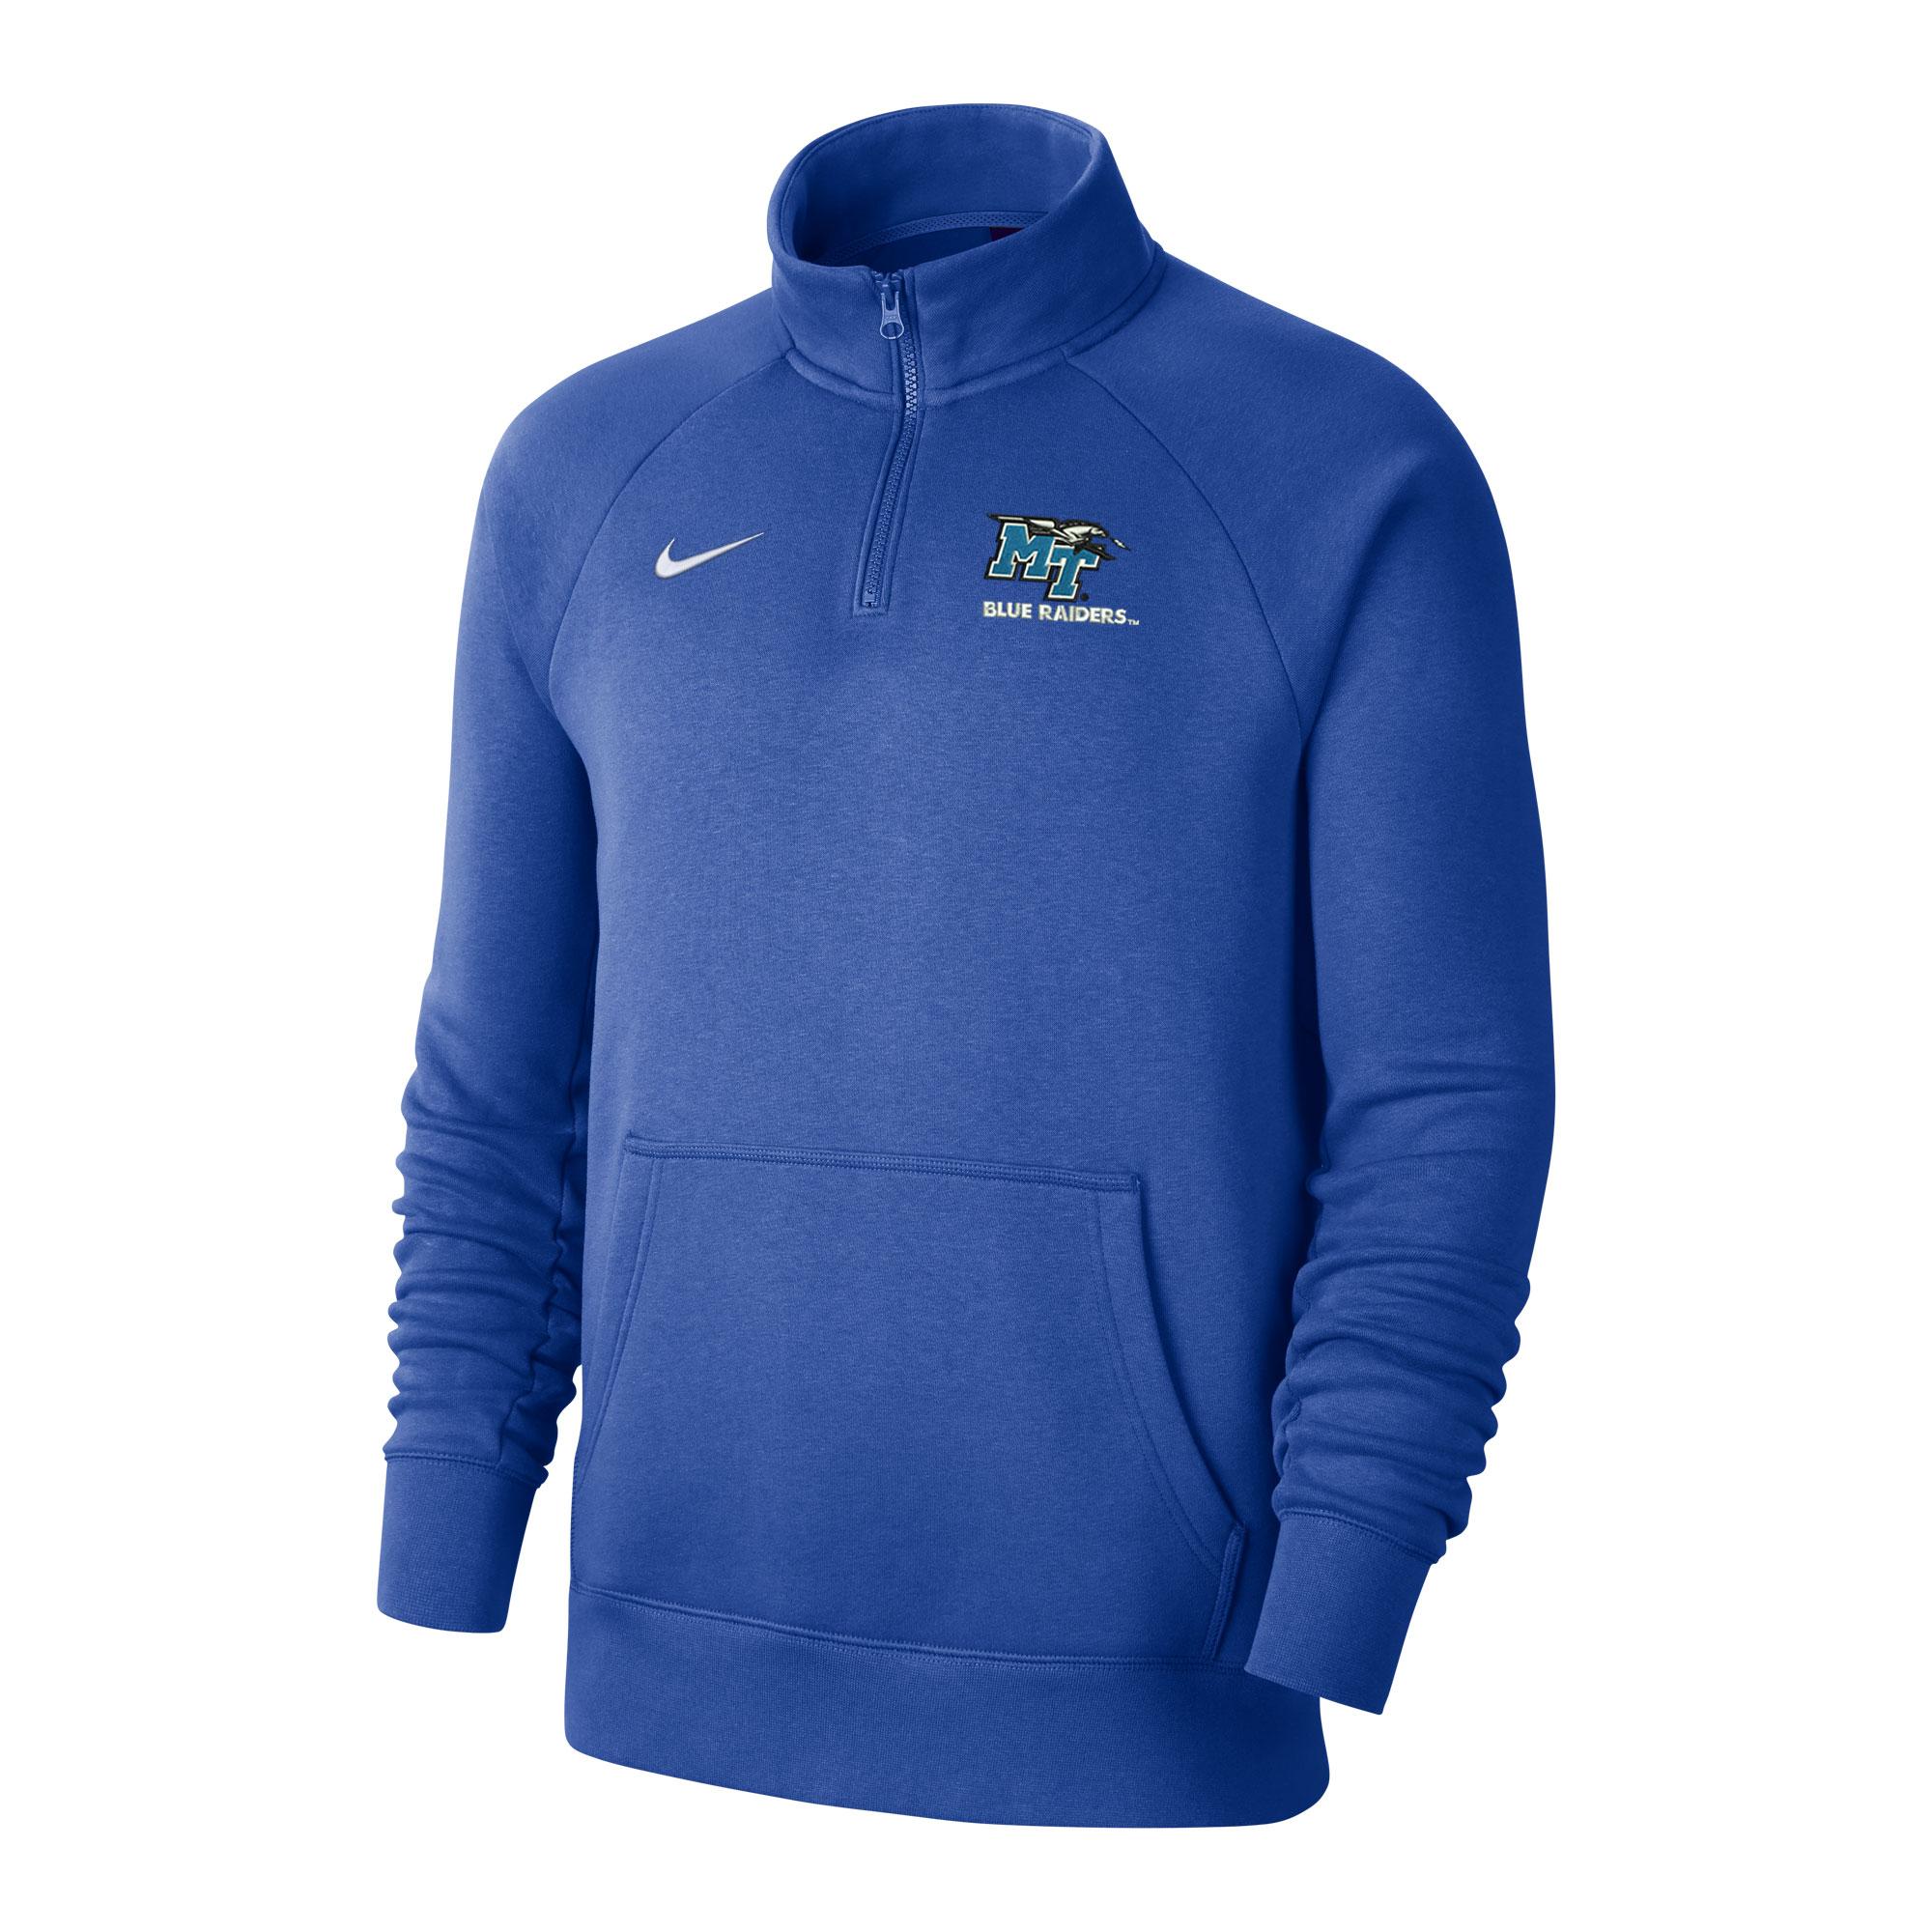 MT Blue Raiders Club 1/4 Zip Nike® Sweatshirt